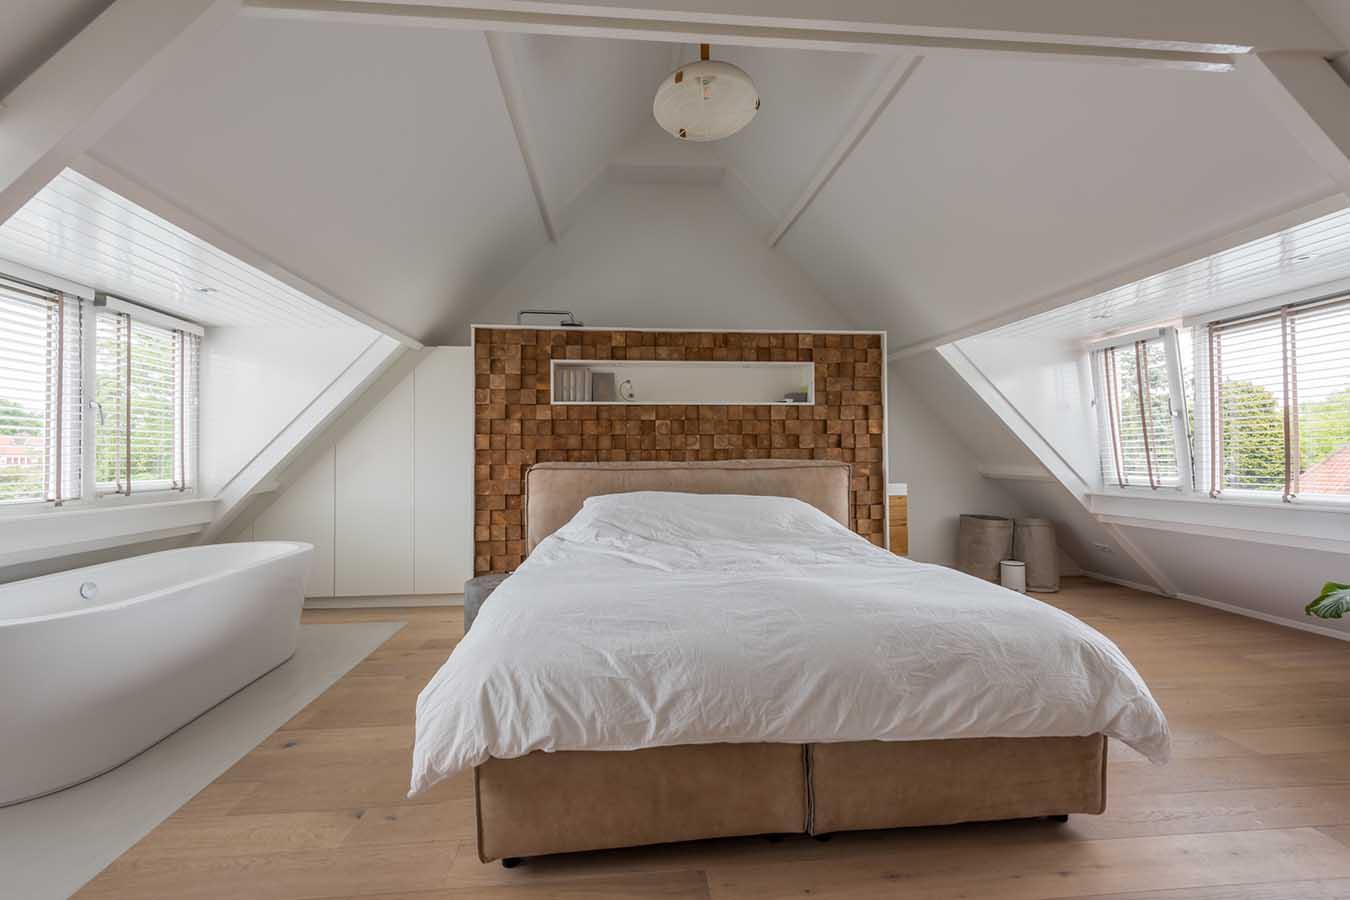 slaapkamer met een vrijstaand bad